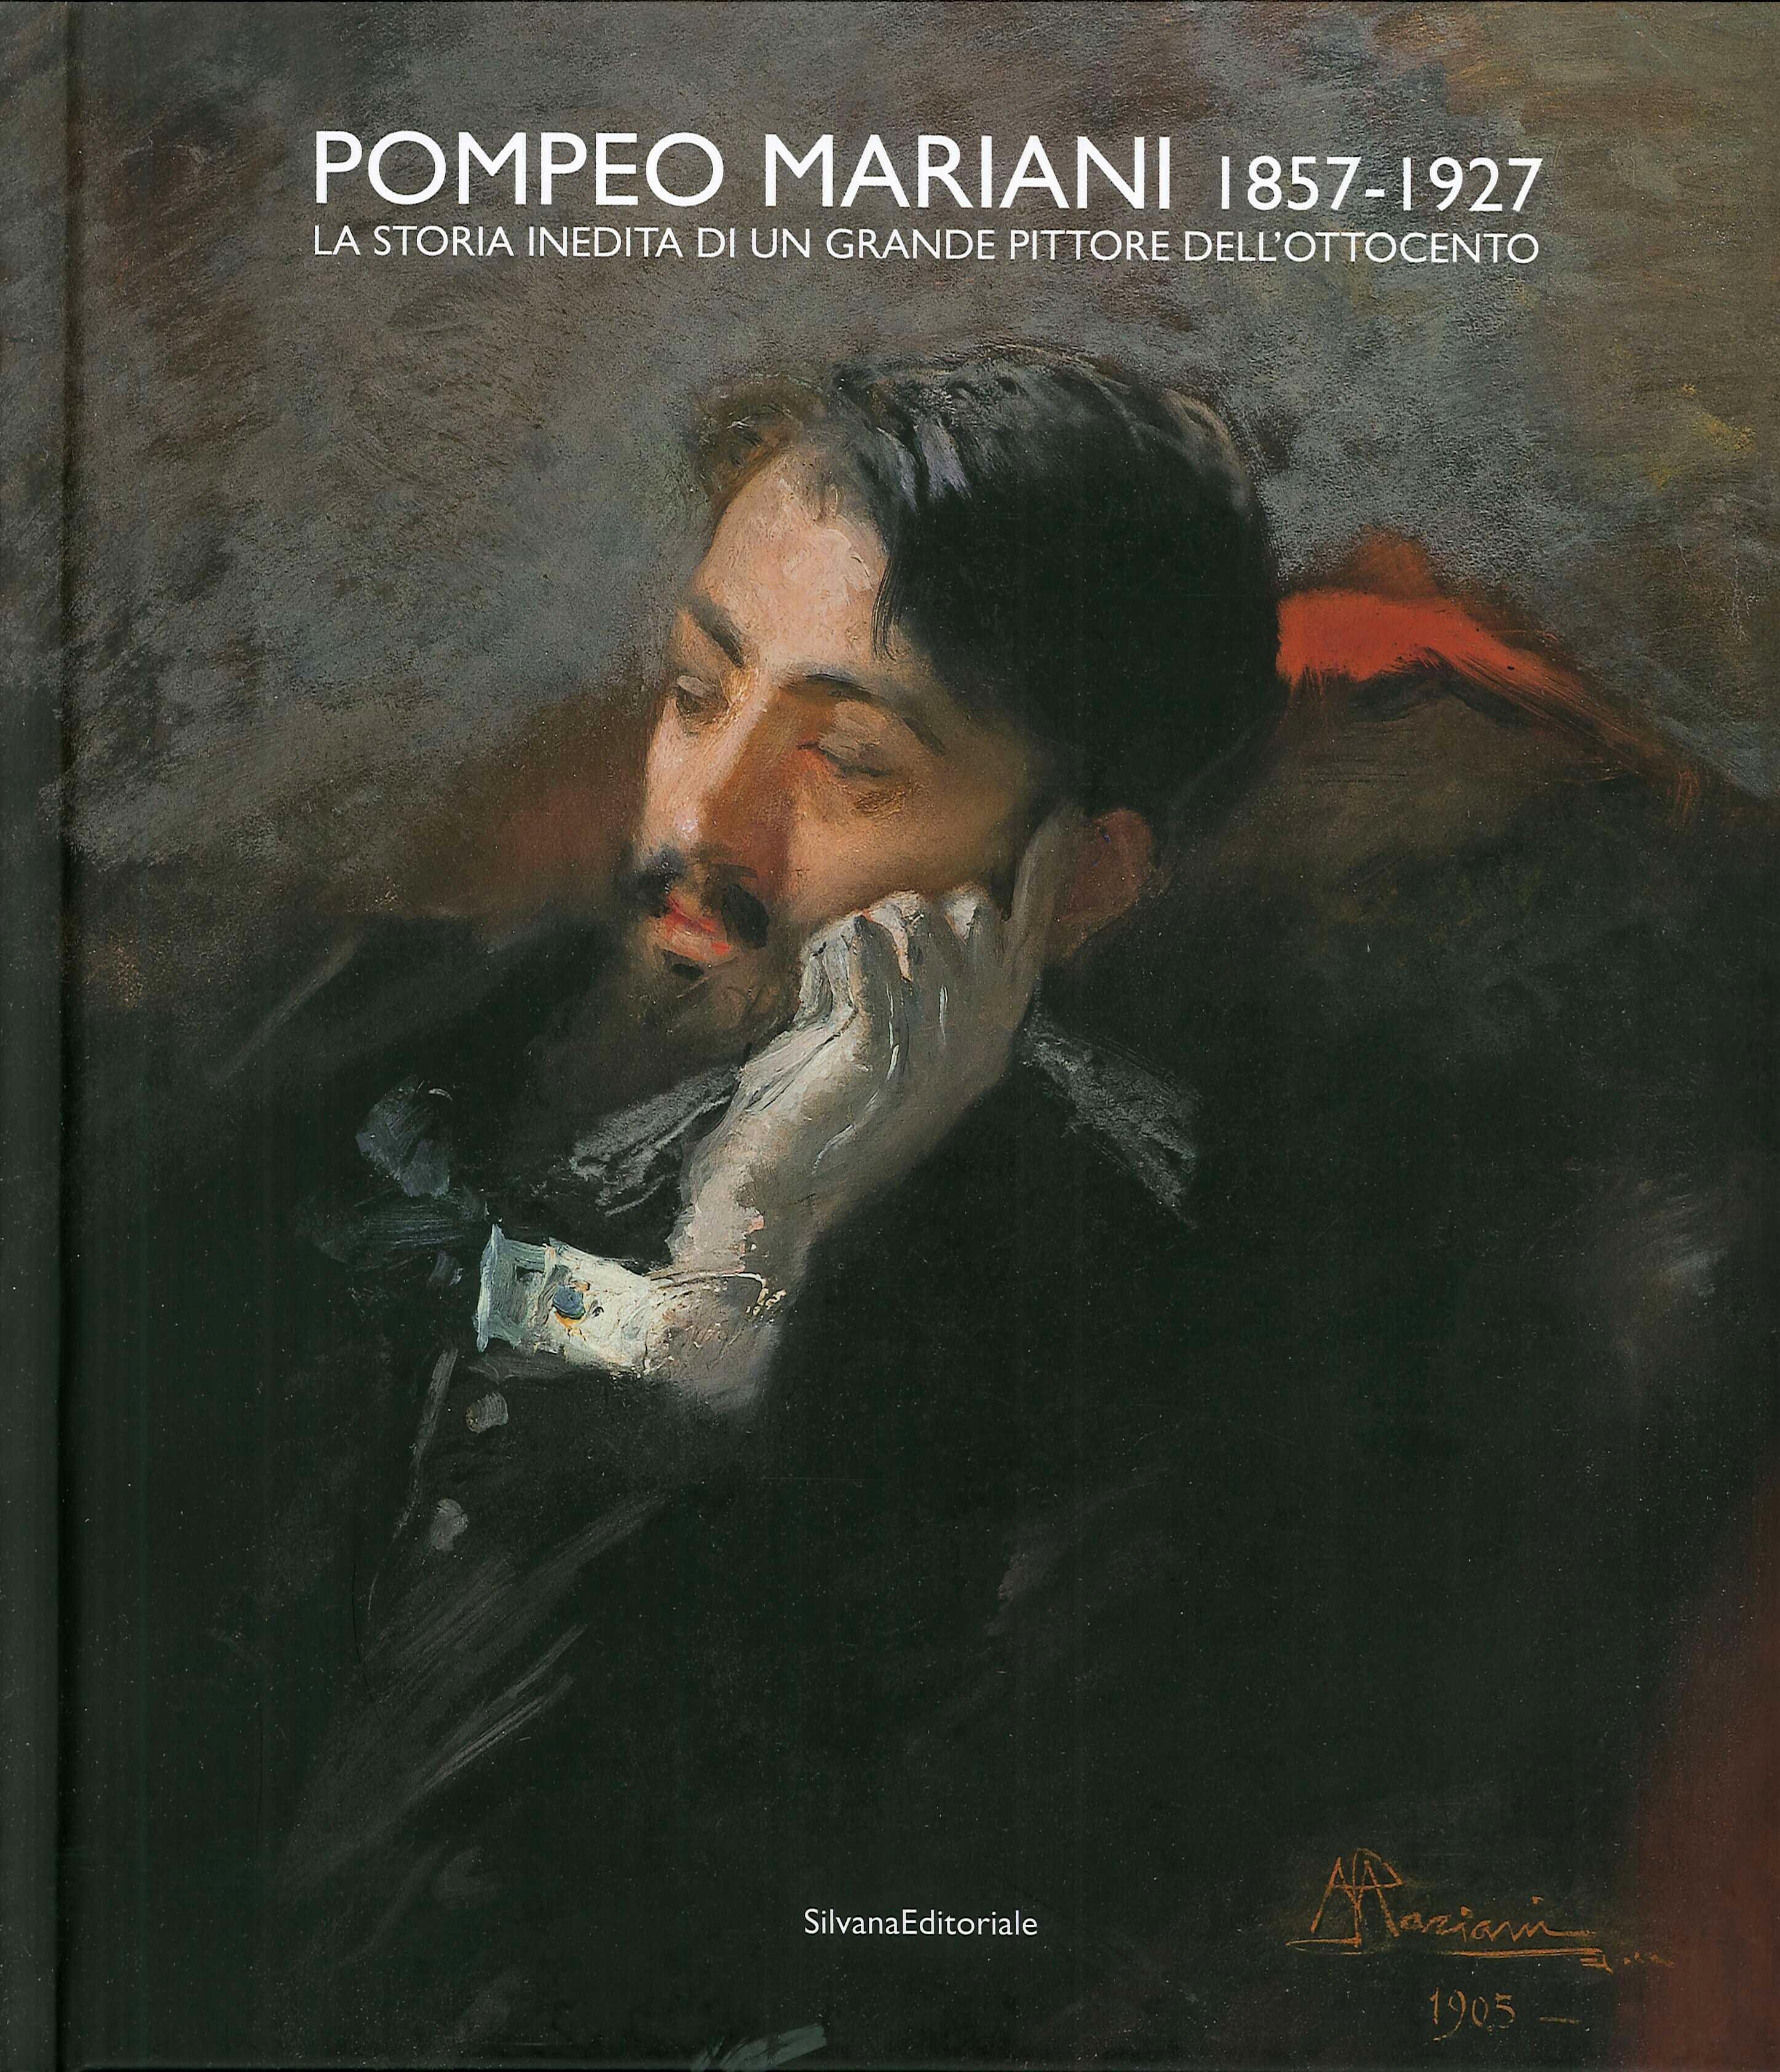 Pompeo Mariani 1857-1927. La storia inedita di un grande pittore dell'Ottocento